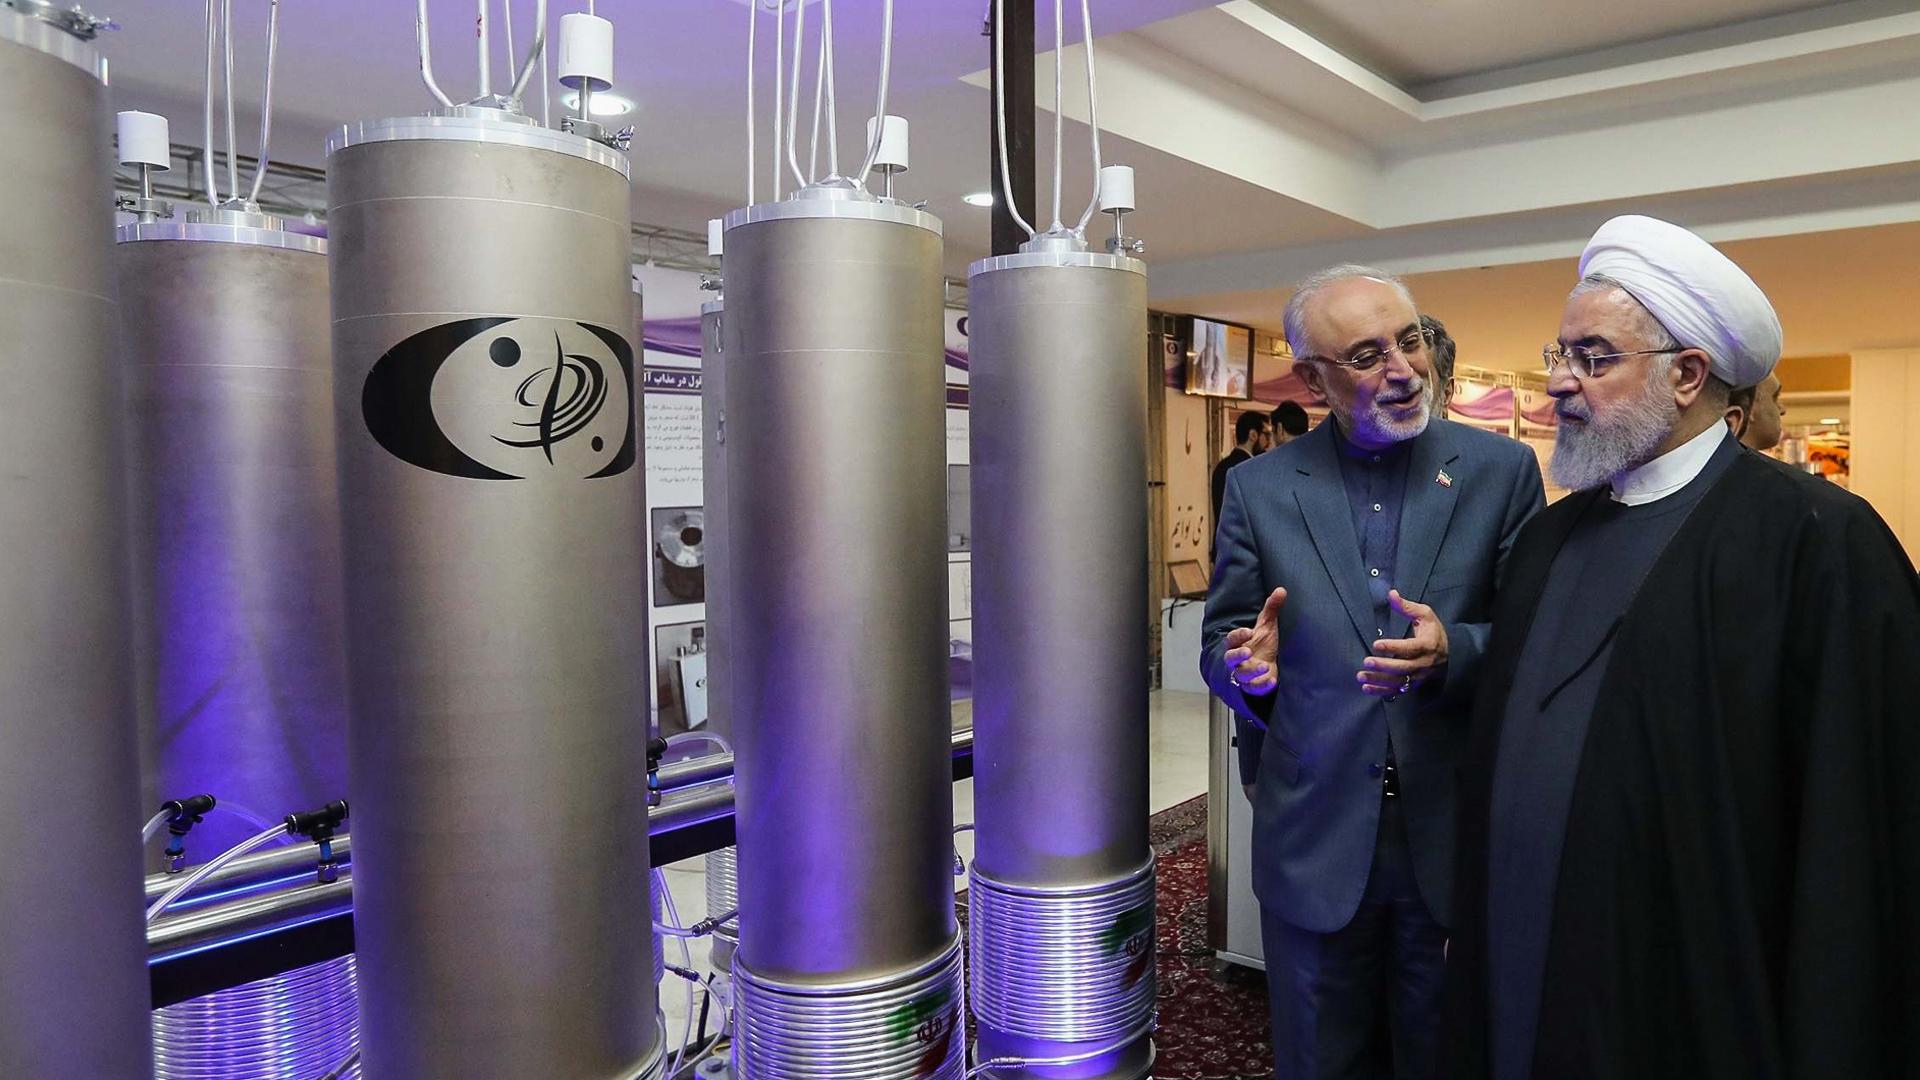 التوظيف السياسي للثقافة يفسر رفض الغرب امتلاك إيران التكنولوجيا النووية